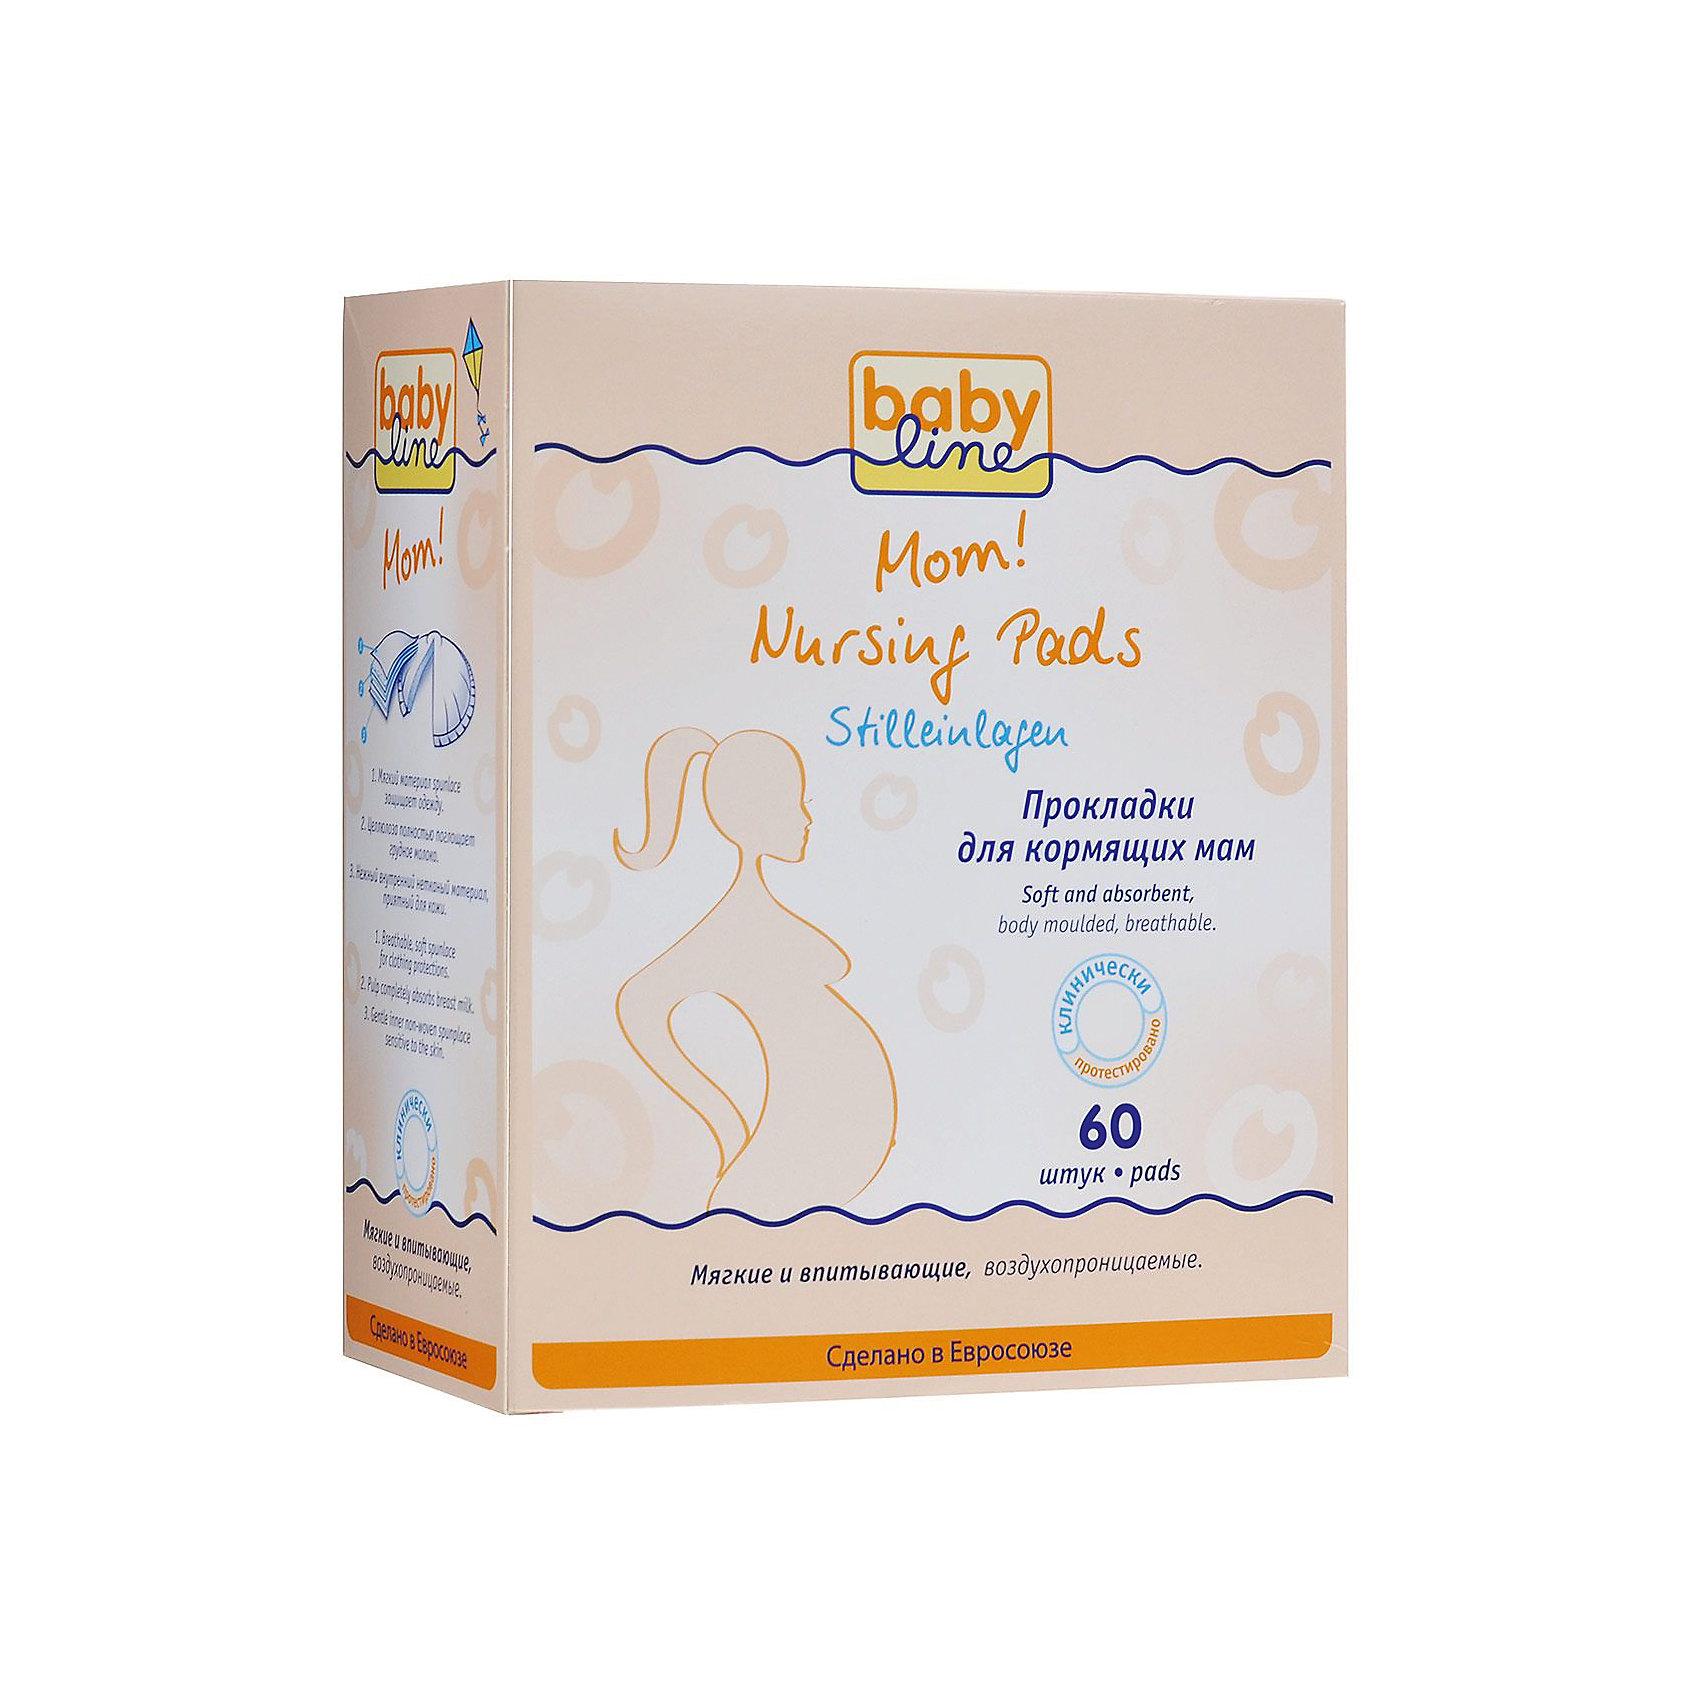 Прокладки для груди 60 шт, BABYLINEНакладки на грудь<br>Прокладки для груди BabyLine(Бэби Лайн) имеют анатомический дизайн и отлично подстраиваются под форму вашей груди. Целлюлоза надежно впитает излишнее молоко, а нетканый материал бережно позаботится о комфорте груди. Идеально для периода грудного вскармливания!<br><br>Дополнительная информация:<br>Количество: 60 шт<br><br>Прокладки для груди BabyLine(Бэби Лайн) можно приобрести в нашем интернет-магазине.<br><br>Ширина мм: 95<br>Глубина мм: 190<br>Высота мм: 225<br>Вес г: 261<br>Возраст от месяцев: 216<br>Возраст до месяцев: 600<br>Пол: Унисекс<br>Возраст: Детский<br>SKU: 5007663